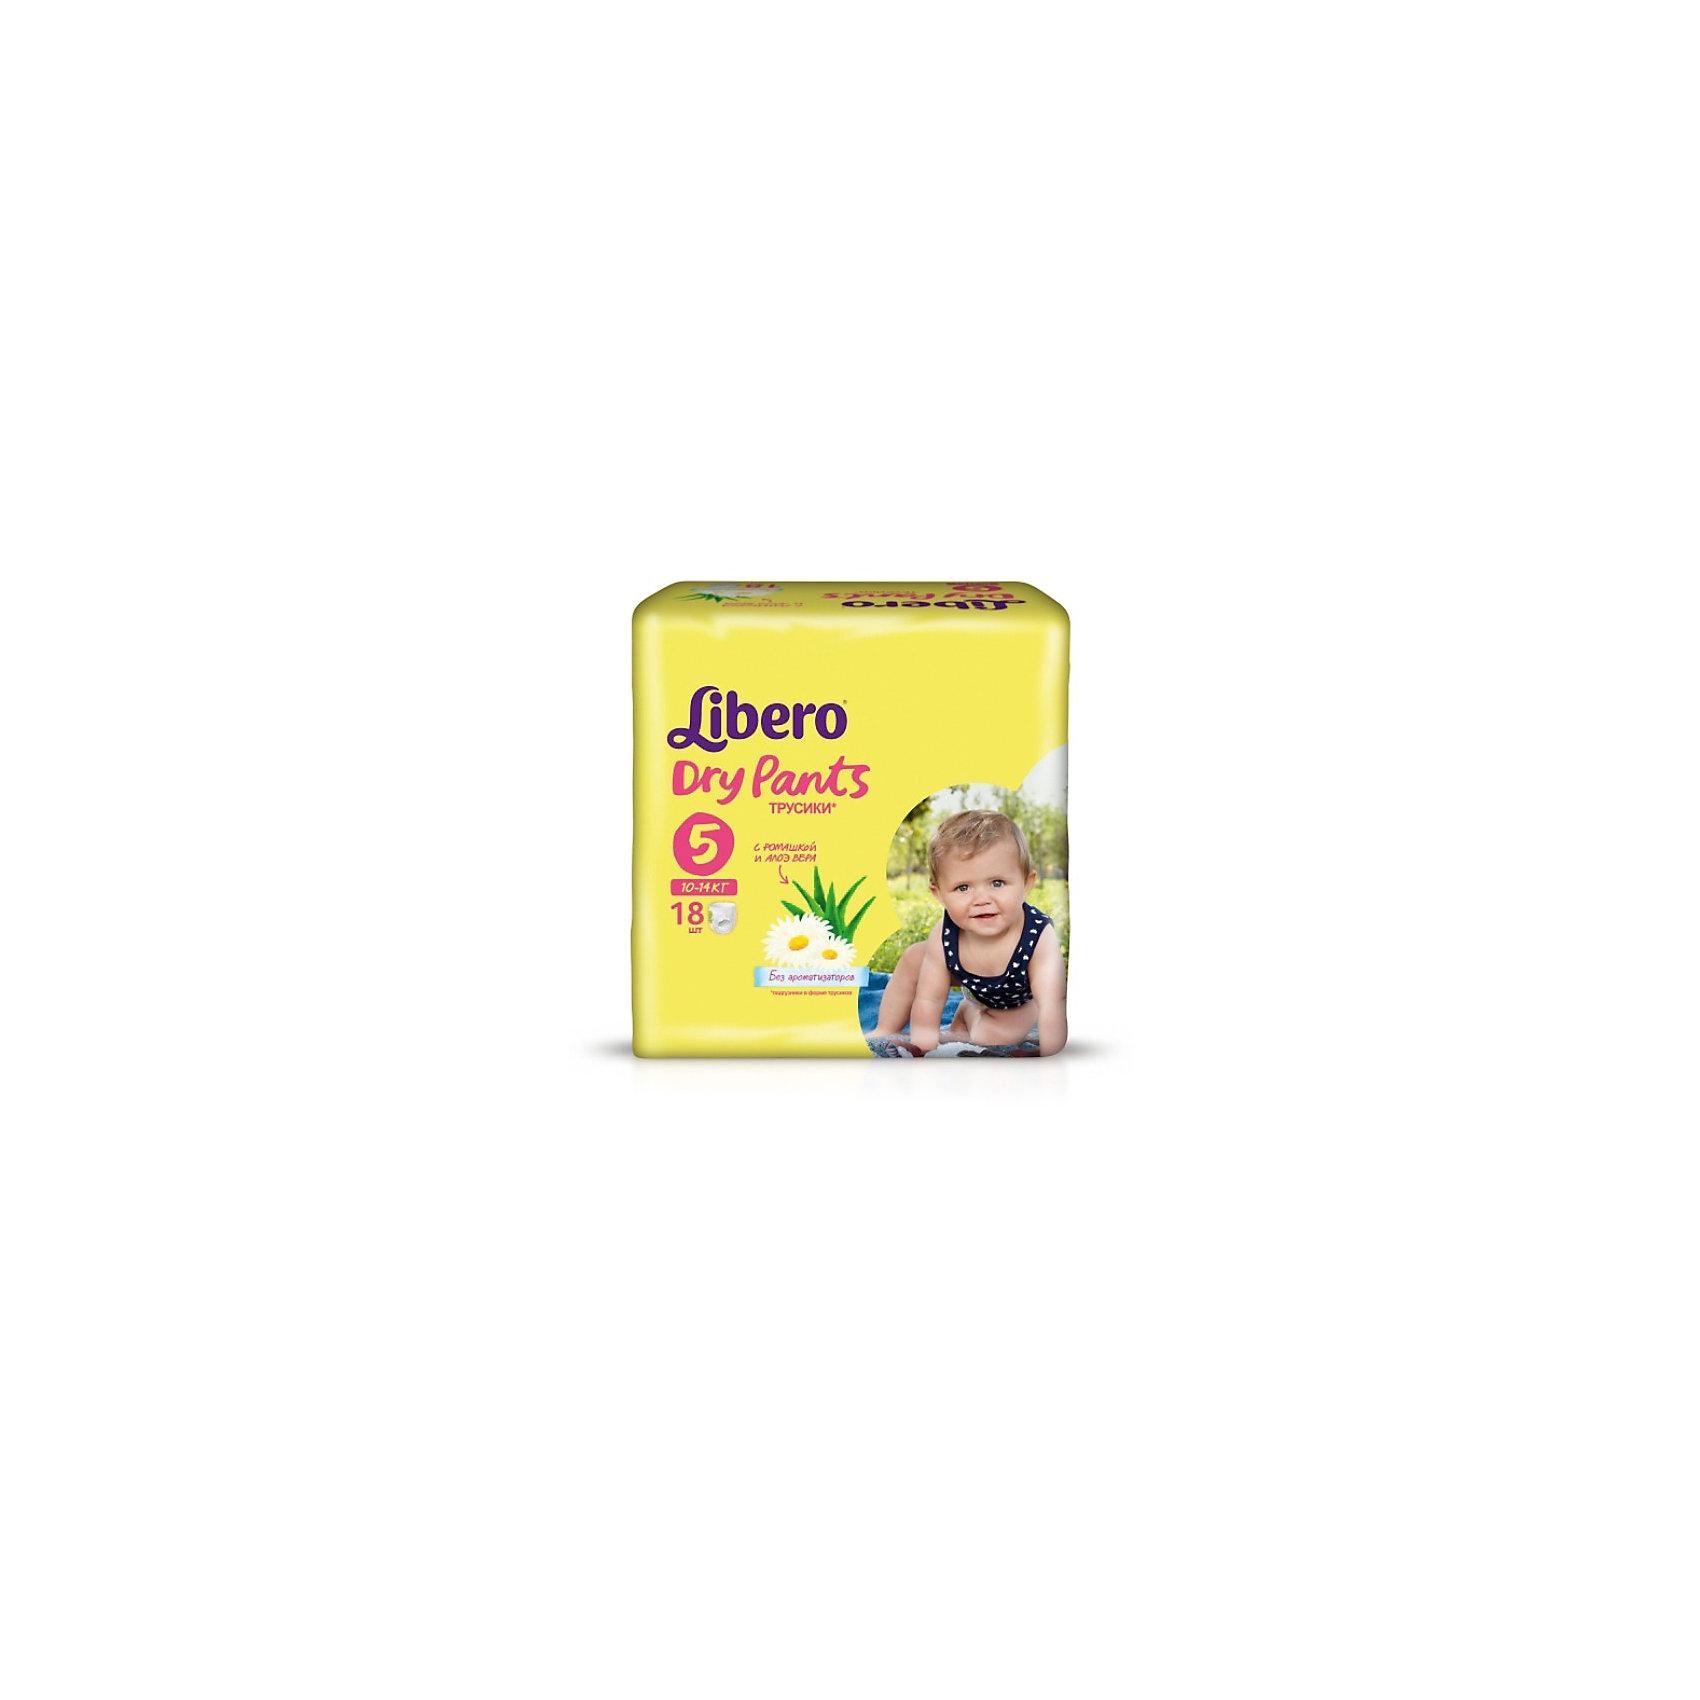 Трусики Libero Dry Pants, Maxi Plus 10-14 кг, 18 шт.Трусики-подгузники<br>Трусики-подгузники Libero Dry Pants (Либеро Драй Пентс) Size 5 (10-14кг), 18 шт.<br><br>Характеристики: <br><br>• легко надевать<br>• мягкие и тонкие трусики<br>• отлично впитывают и удерживают влагу<br>• содержат экстракт ромашки<br>• тянущийся поясок из дышащих материалов<br>• барьеры вокруг ножек защищают от протекания<br>• не сковывают движений<br>• легко снимать и сворачивать<br>• размер: 5 (10-14 кг)<br>• количество в упаковке: 18 шт.<br><br>Если ваш малыш не любит спокойно ждать пока вы его переоденете, то трусики-подгузники Libero Dry Pants станут для вас прекрасным решением. Они легко надеваются, как обычное белье и также легко снимаются при разрывании боковых швов. Трусики очень мягкие и тонкие, при этом они отлично впитывают и удерживают влагу, не стесняя движений крохи. Экстракт ромашки и алоэ успокоит нежную кожу малыша. Высокие барьеры и эластичный поясок препятствуют протеканию.  После использования вы легко сможете свернуть трусики и заклеить из специальной клейкой лентой. Яркая упаковка и привлекательный дизайн превратят процесс переодевания в веселую игру!<br><br>Трусики-подгузники Libero Dry Pants Size 5 (10-14кг), 18 шт. вы можете купить в нашем интернет-магазине.<br><br>Ширина мм: 147<br>Глубина мм: 195<br>Высота мм: 185<br>Вес г: 662<br>Возраст от месяцев: 6<br>Возраст до месяцев: 36<br>Пол: Унисекс<br>Возраст: Детский<br>SKU: 3517629